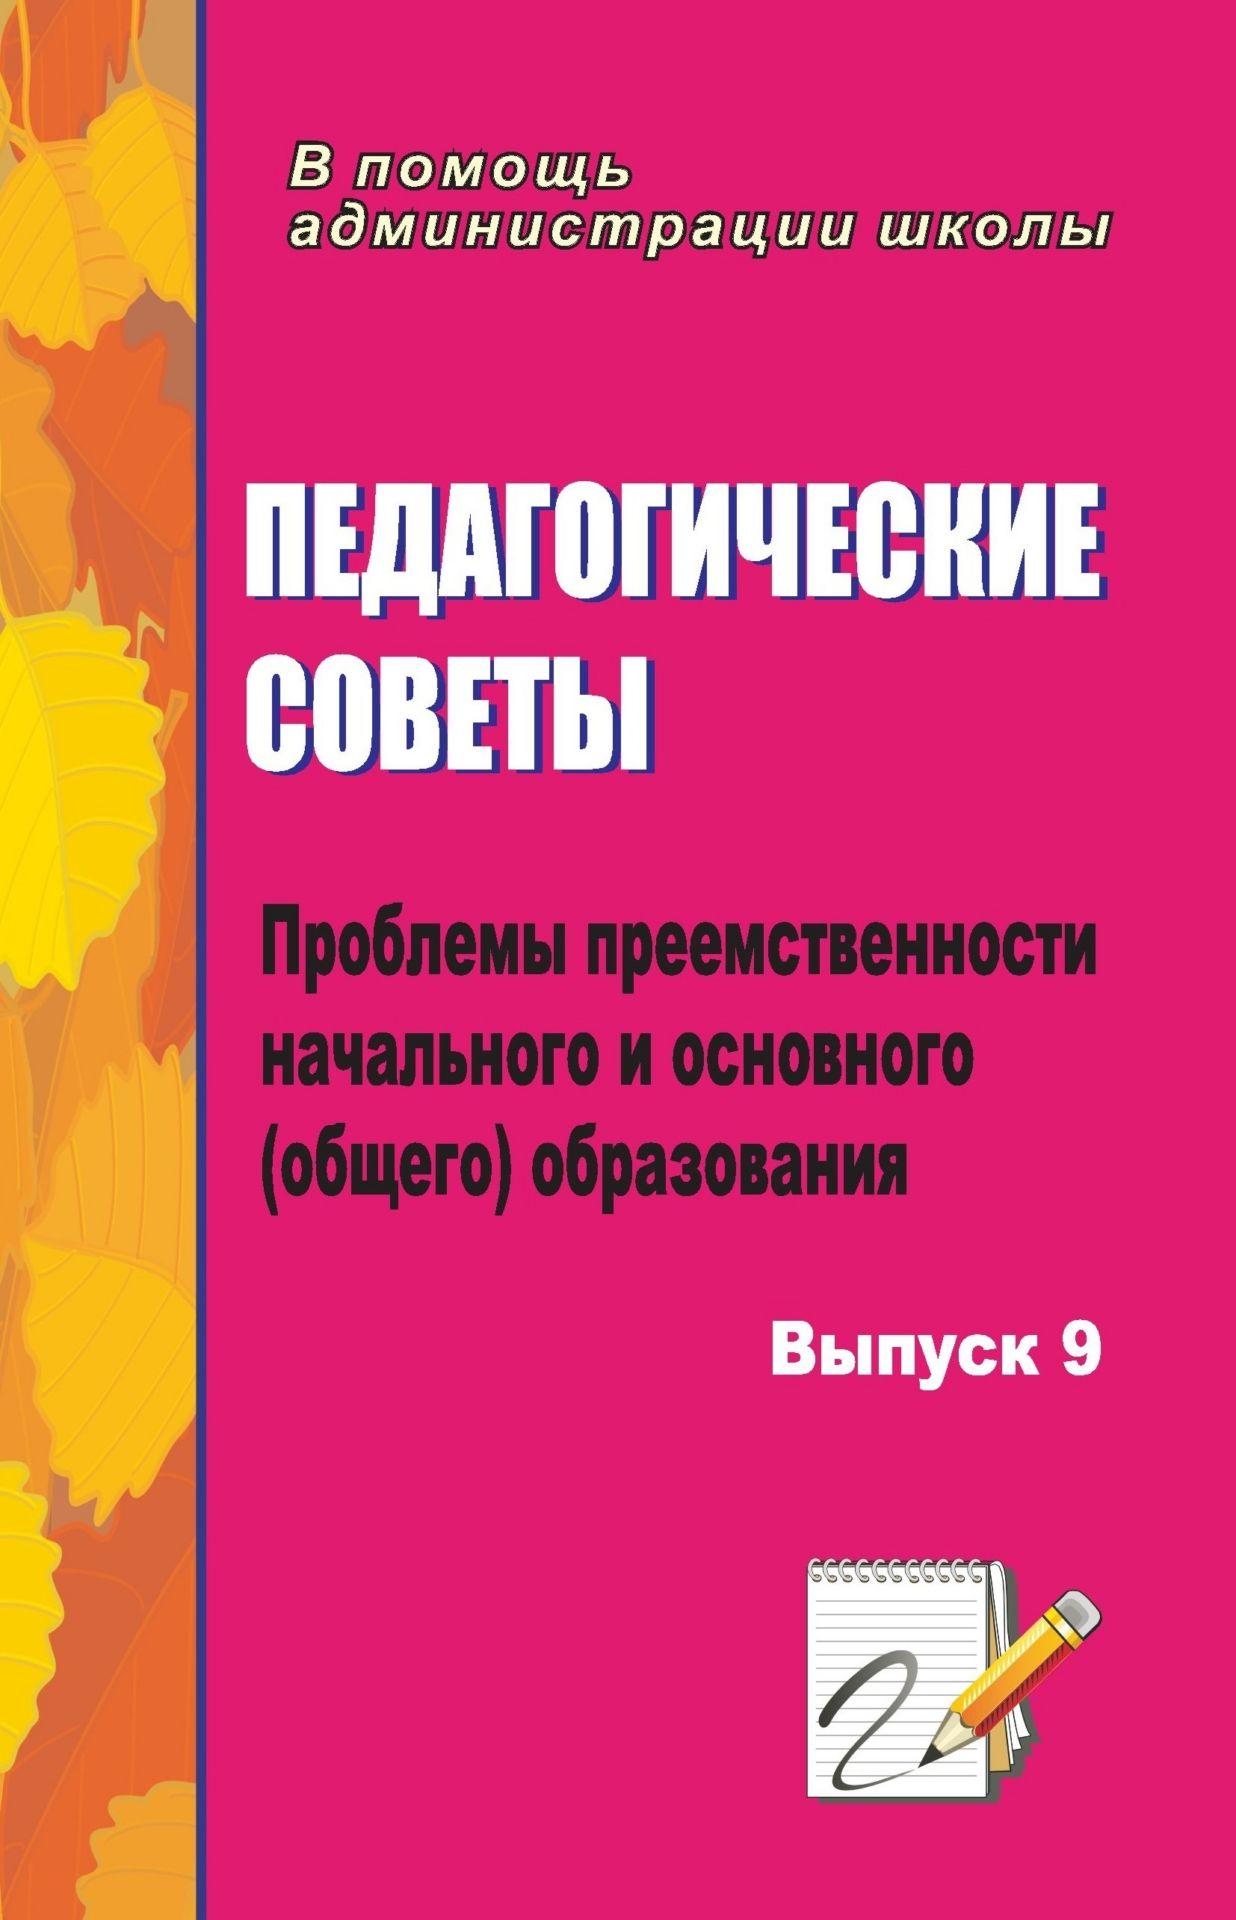 Купить со скидкой Педагогические советы. Вып. 9.: проблемы преемственности начального и основного (общего) образования